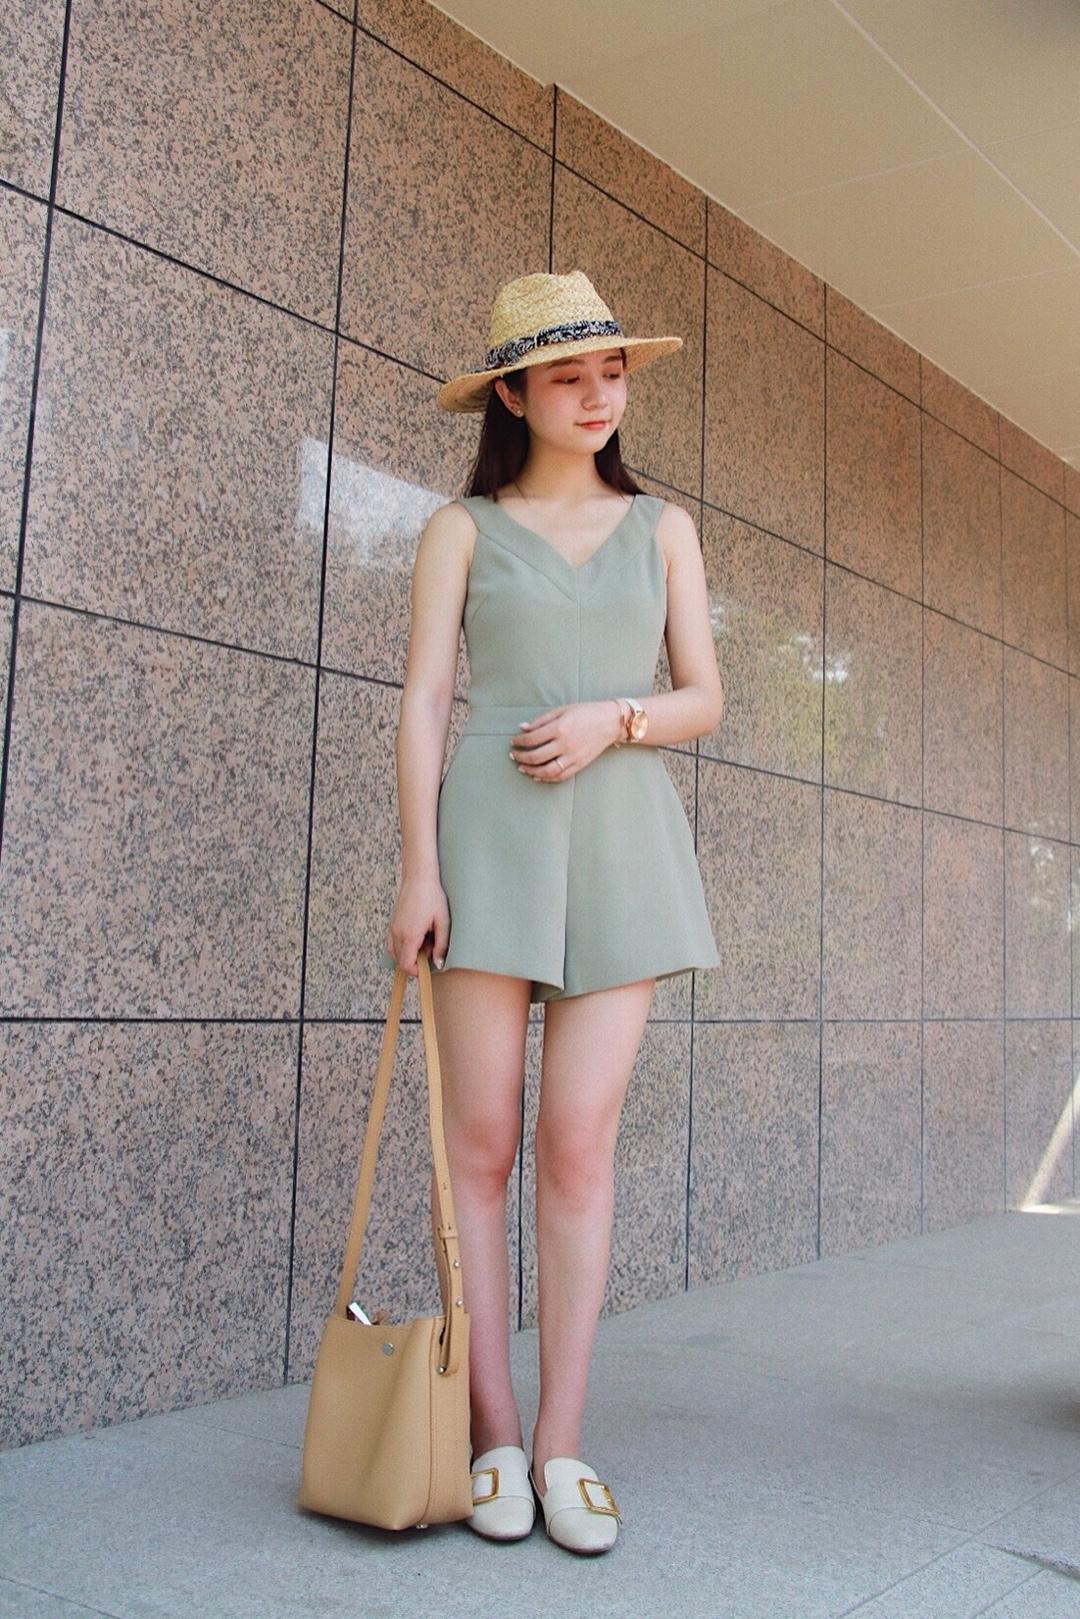 #夏日脱单?露就完事!#高腰的奶油绿连体裤我穿也可以拥有大长腿,肩带部分的设计可以很好的遮住副乳,搭配米白色乐福鞋气质休闲,整体色调干净清爽,约会就是这套了!